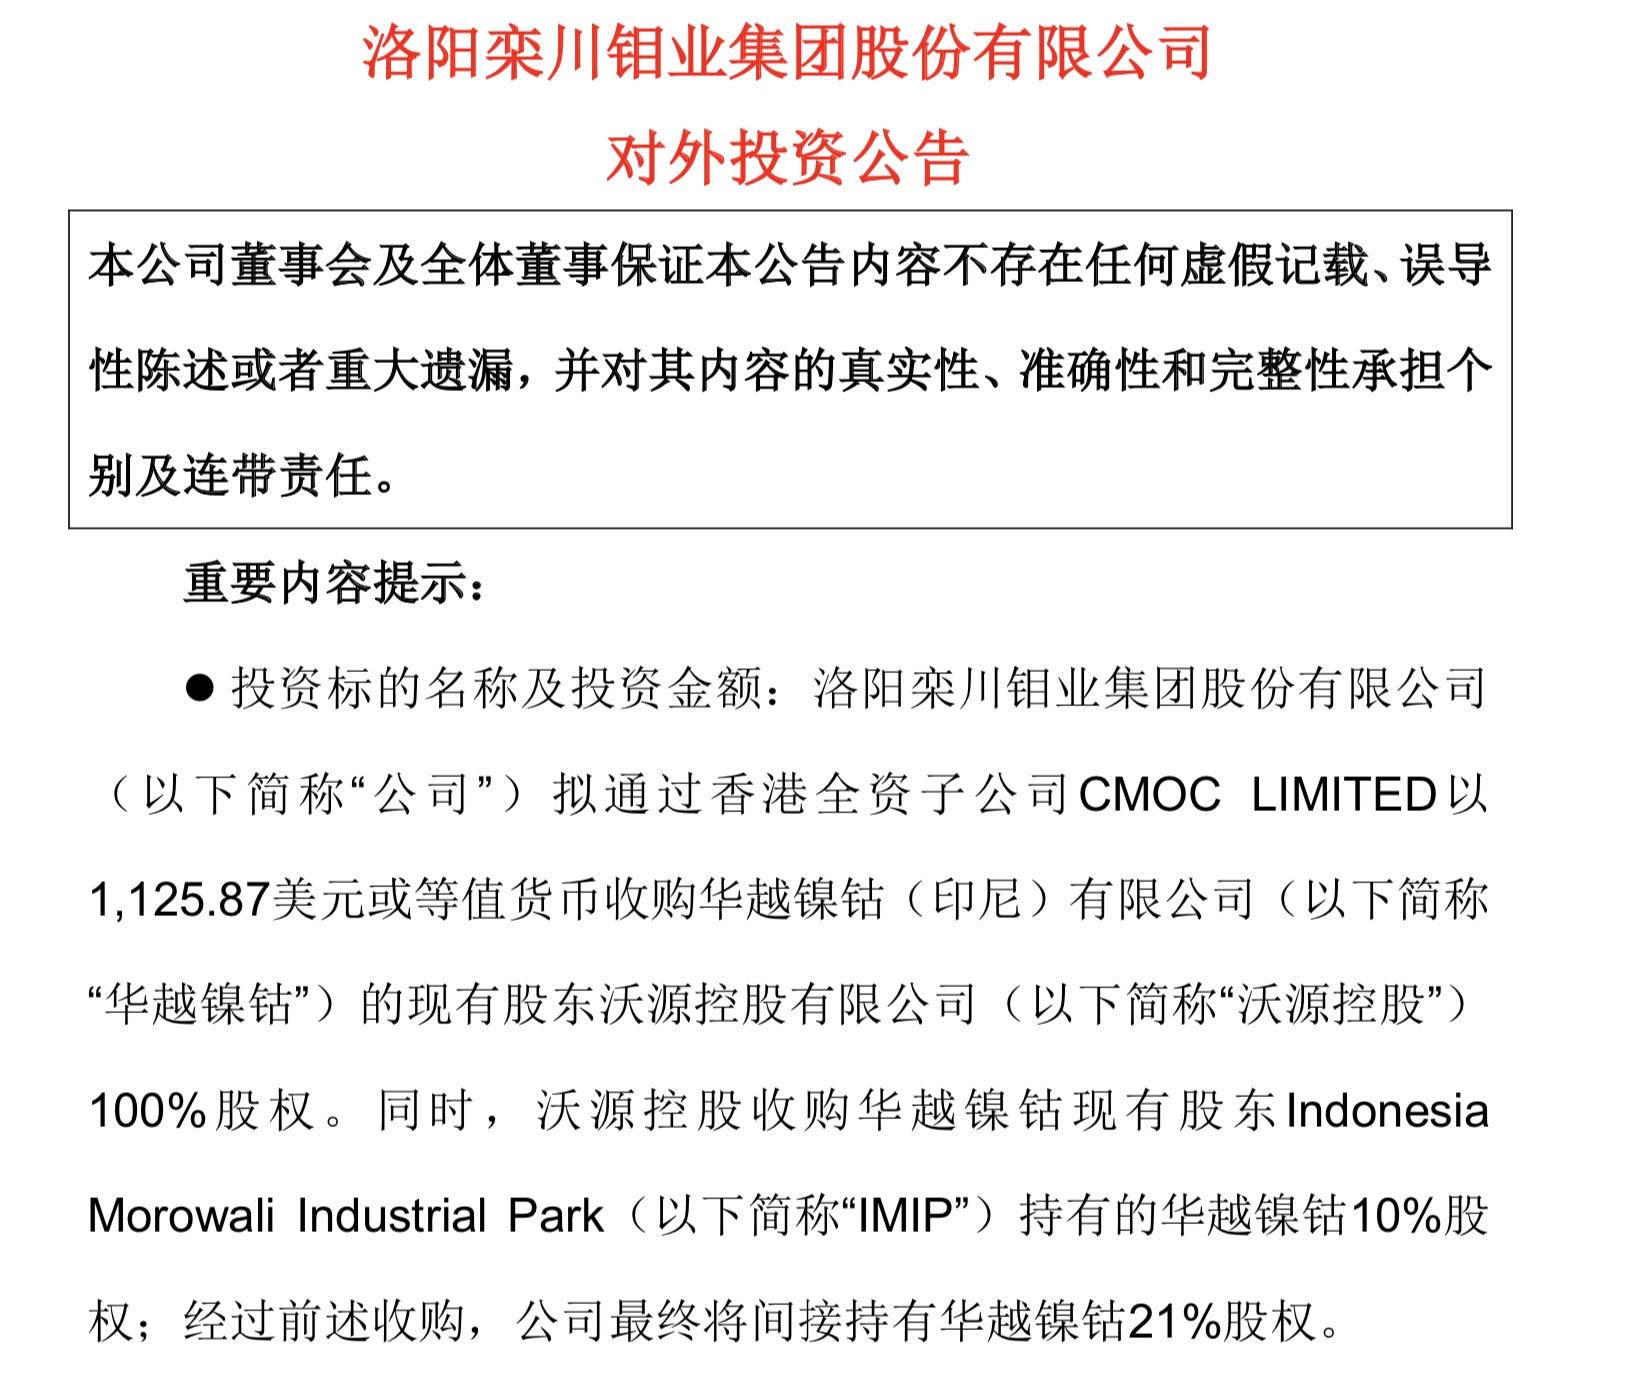 必博娱乐平台优惠|王宏第129期双色球分析:6+1红球1路号码走冷,本期全部排除